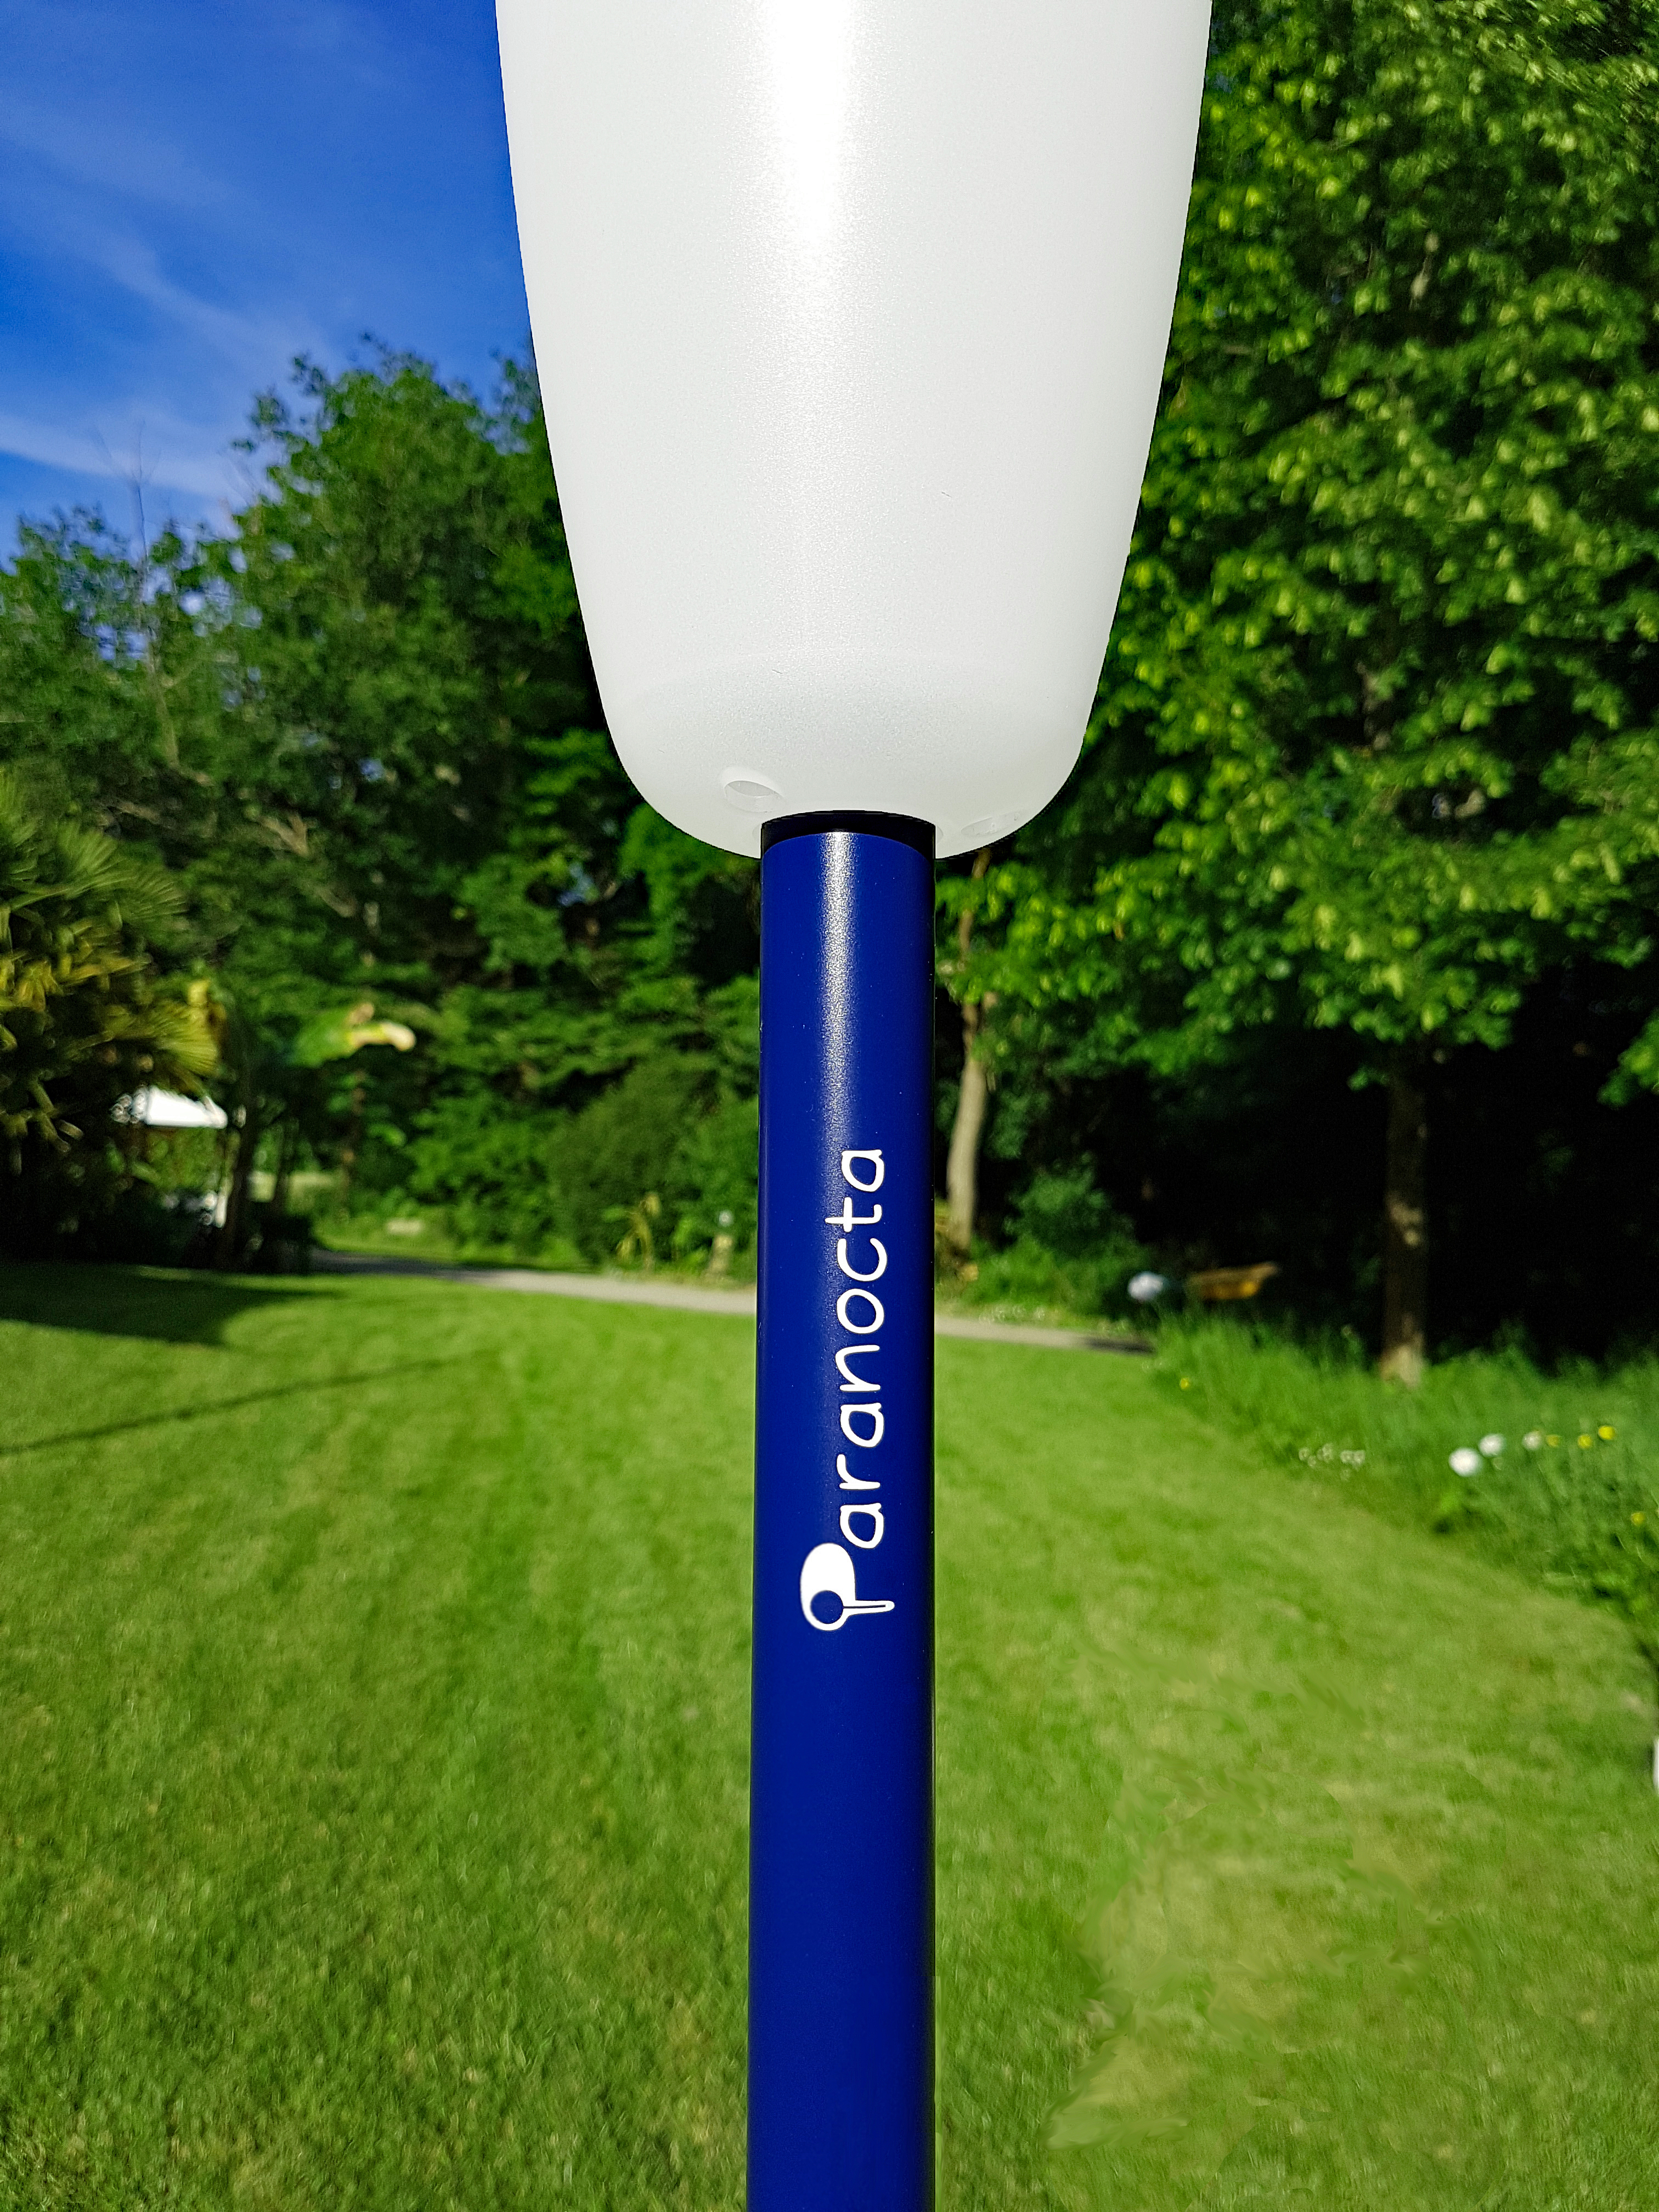 8 lampadaire bleu Paranocta